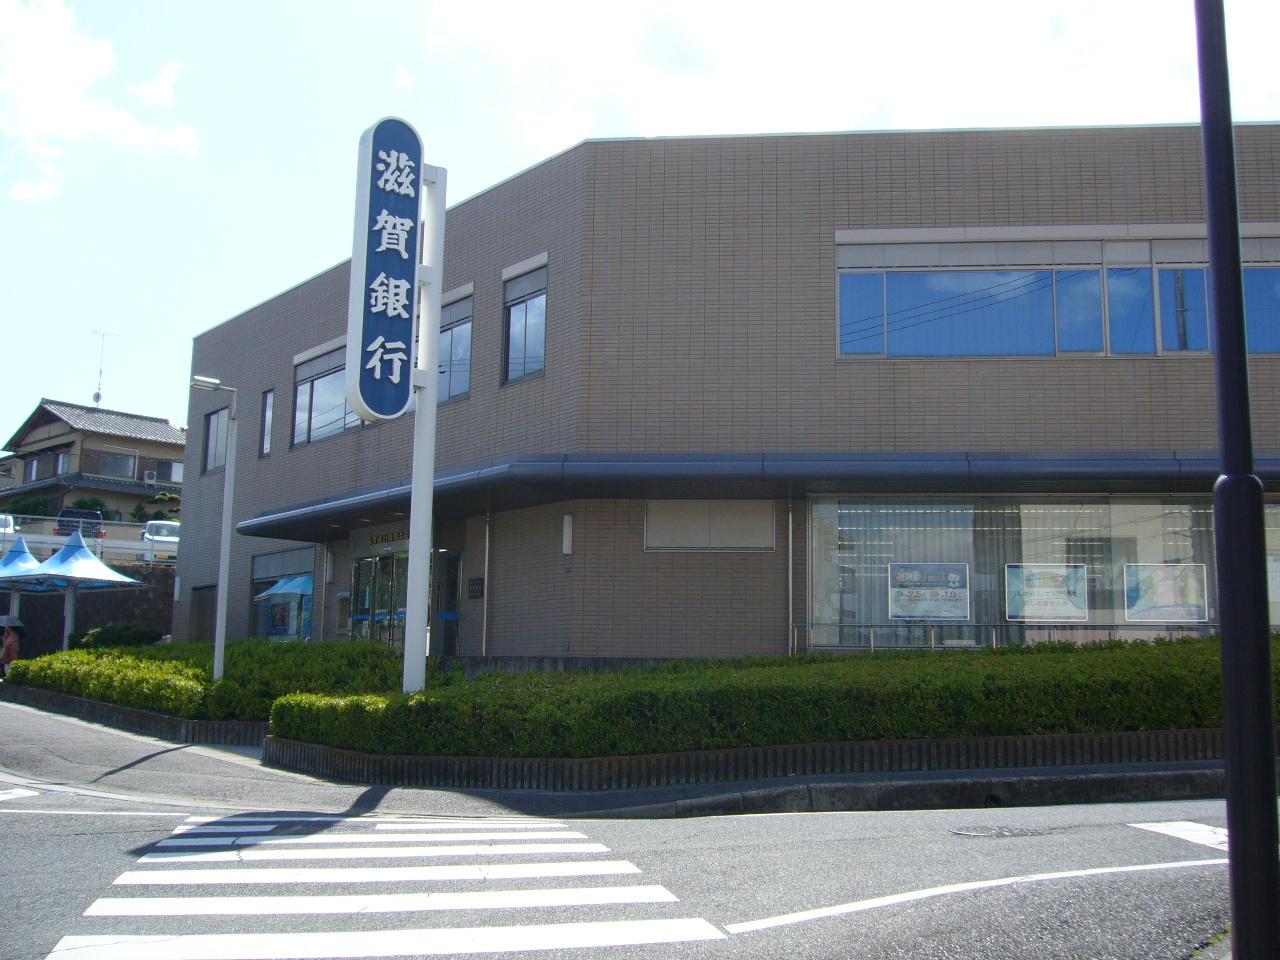 滋賀銀行南郷支店まで徒歩13分